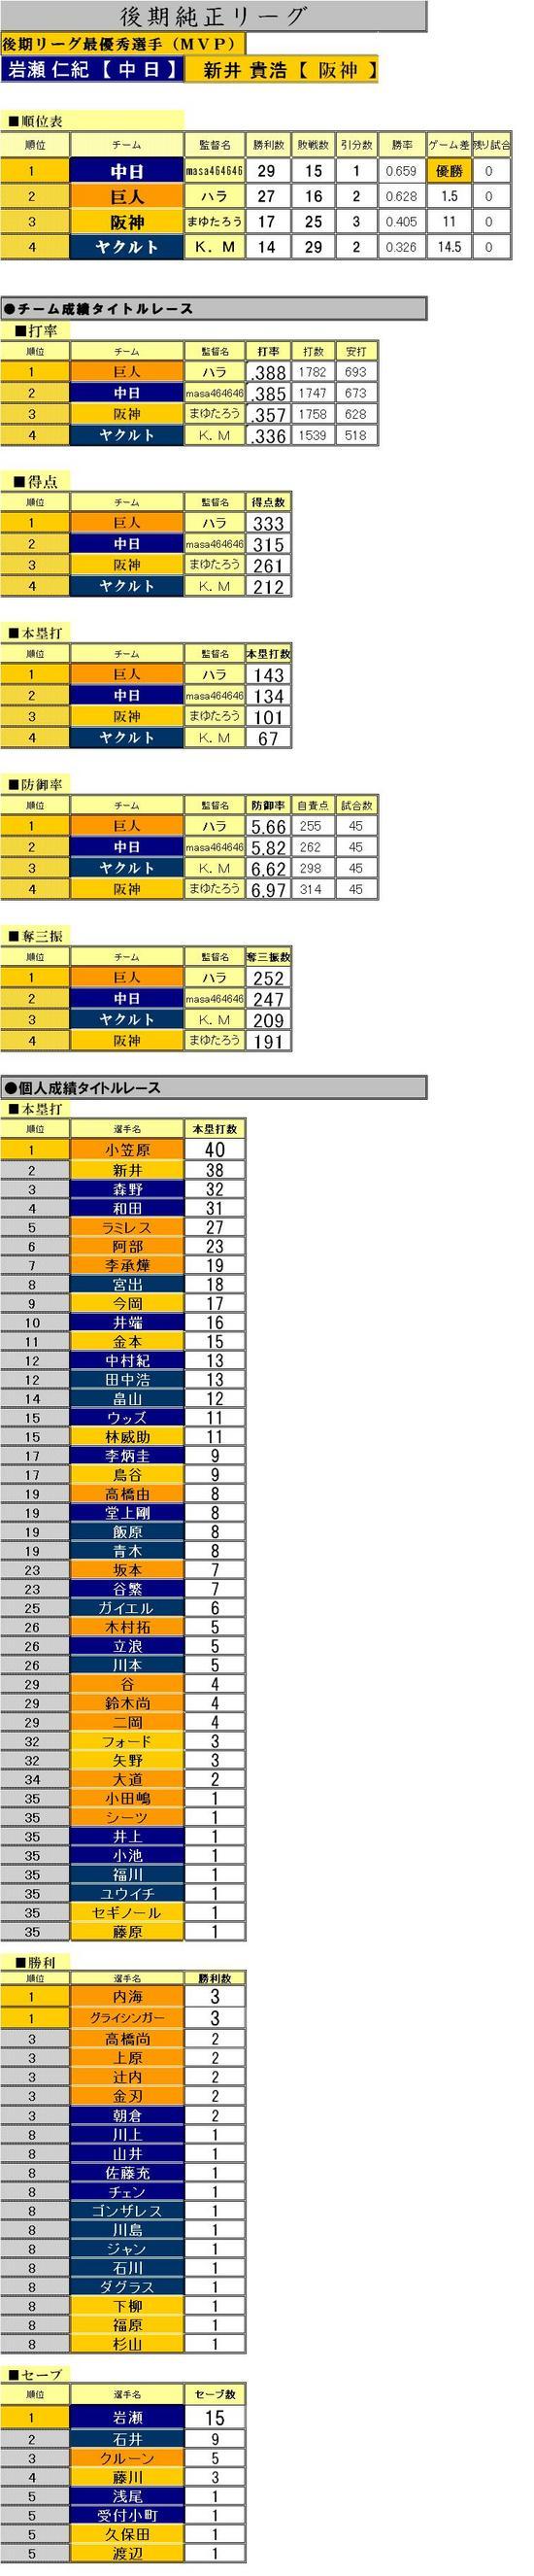 後期リーグ記録表